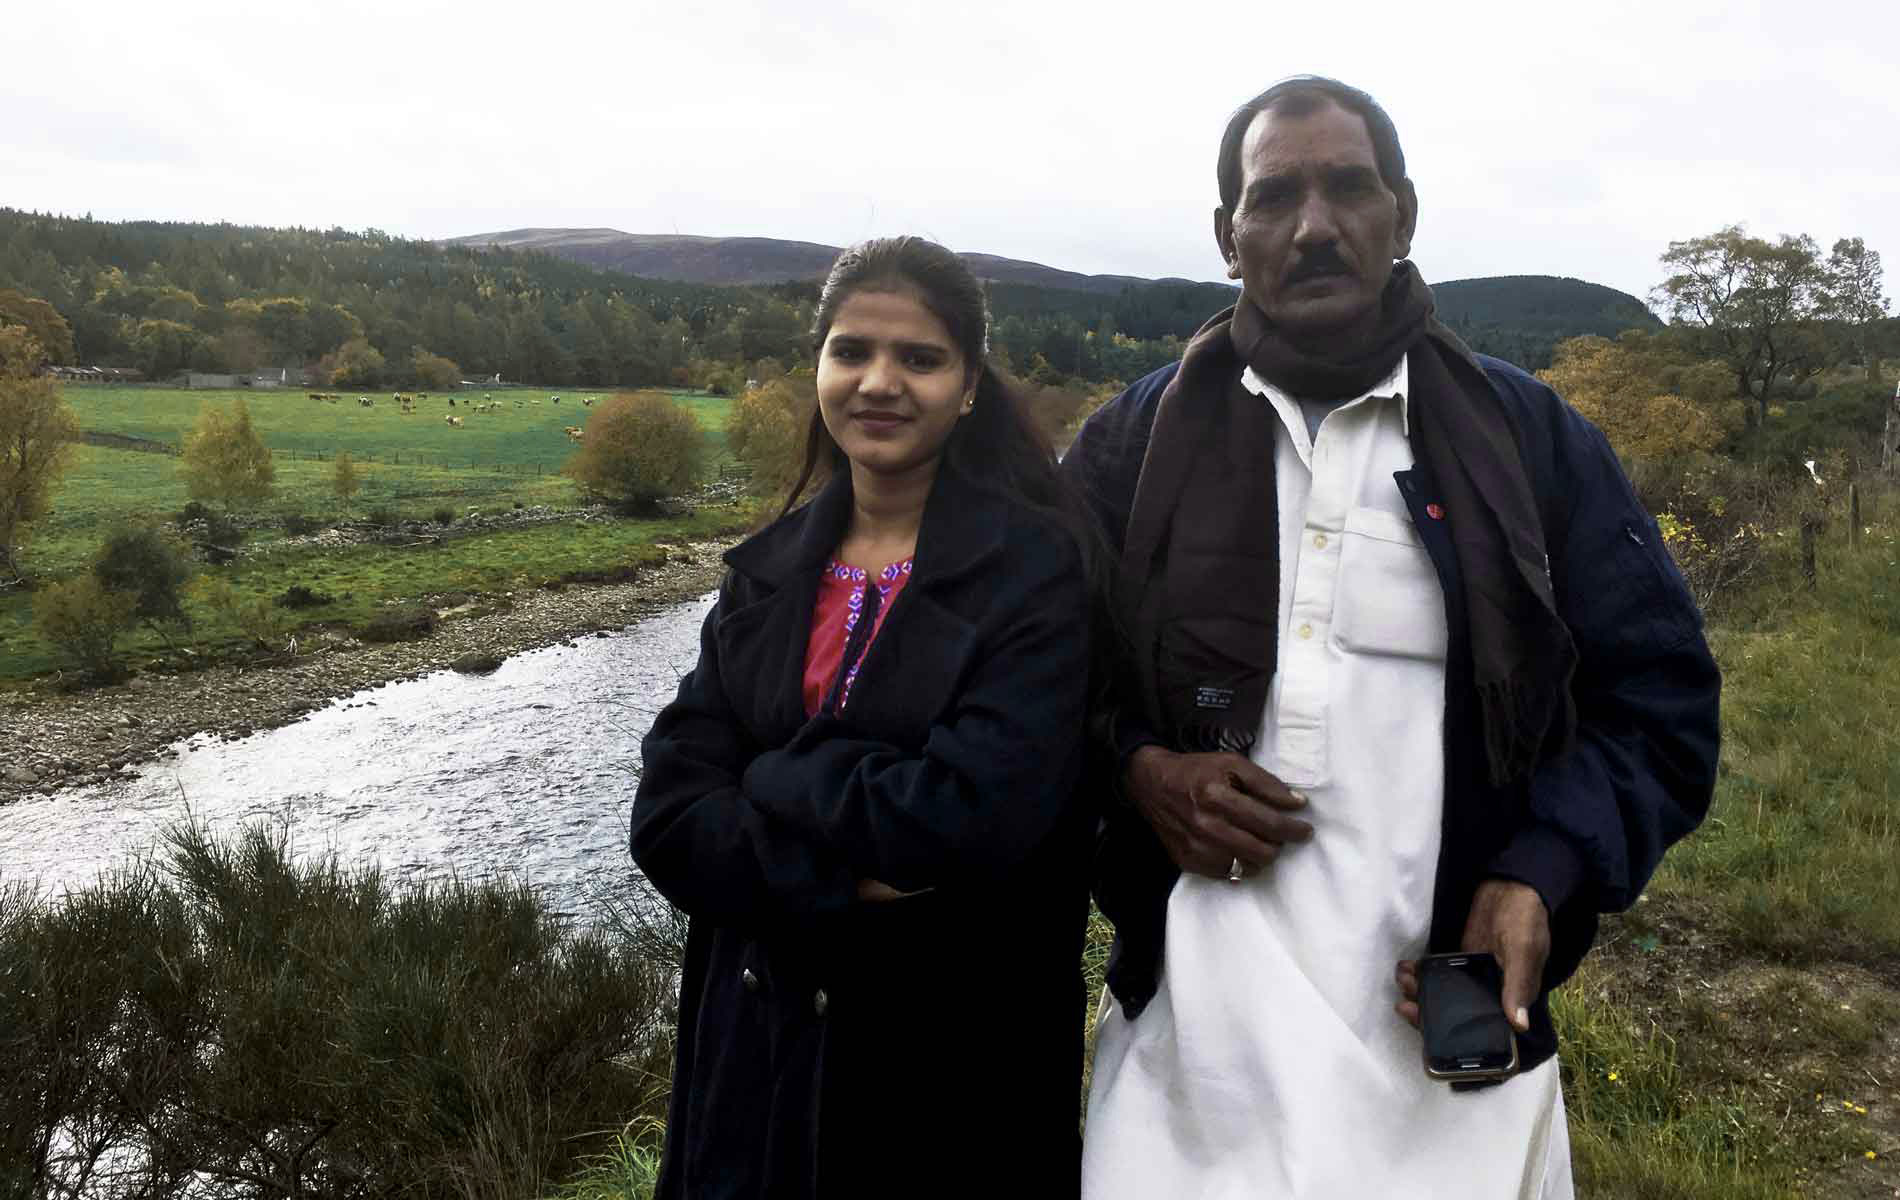 Eisham Ashiq de 19 anos e seu pai Ashiq Masih, no Reino Unido